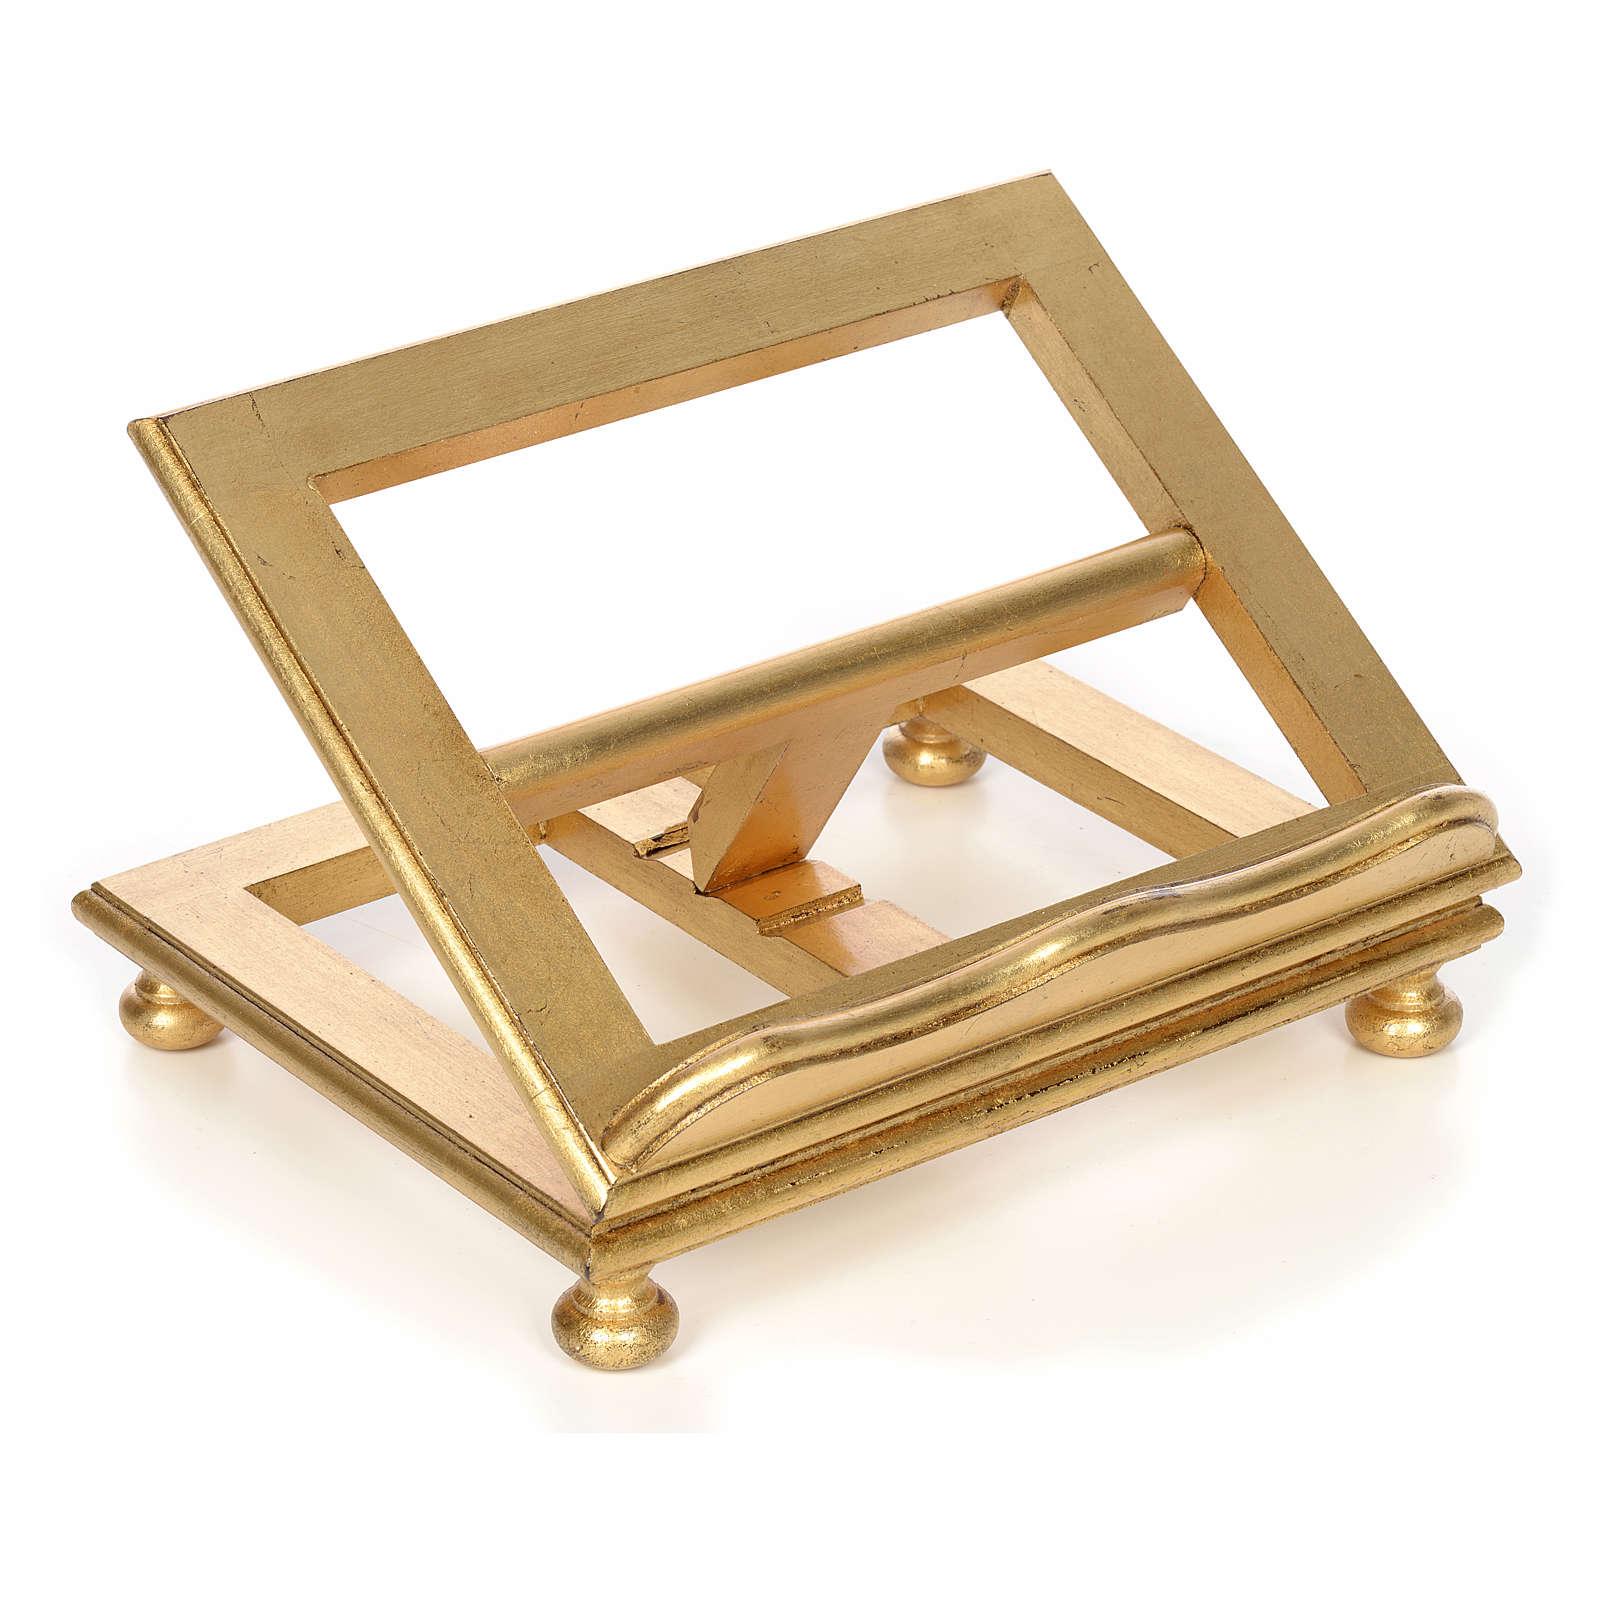 Pupitre de table en hêtre feuille d'or 4